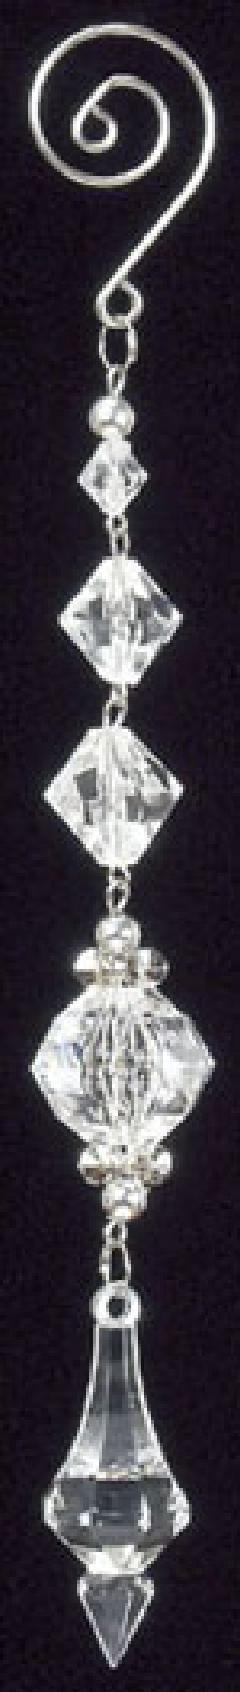 クリアオーナメント(ダイヤカットアクリルアイシクルハンギング・全長20cm)OXM1058